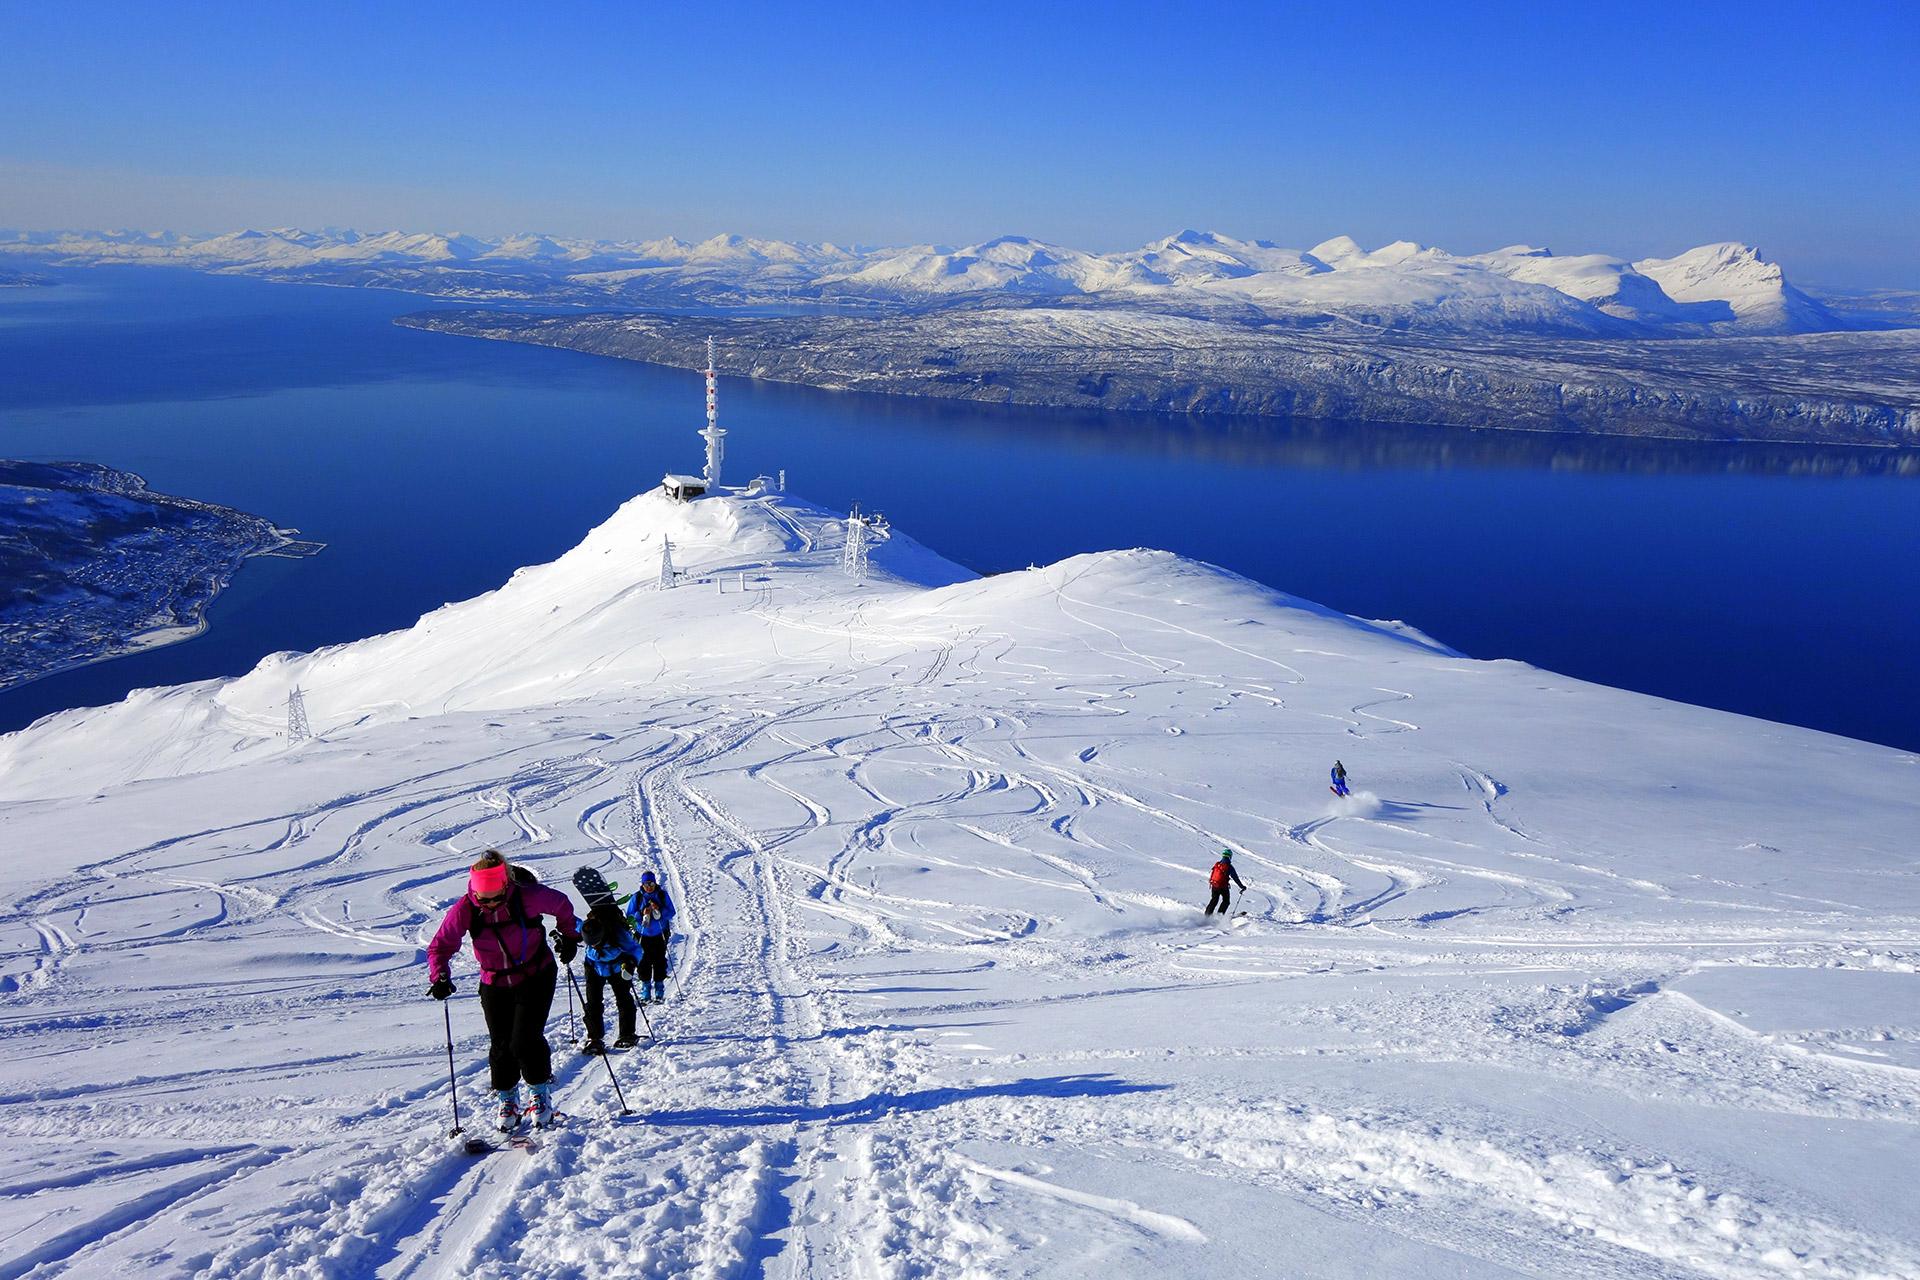 Offpiste i over 1000 meters høyde © Narvikfjellet